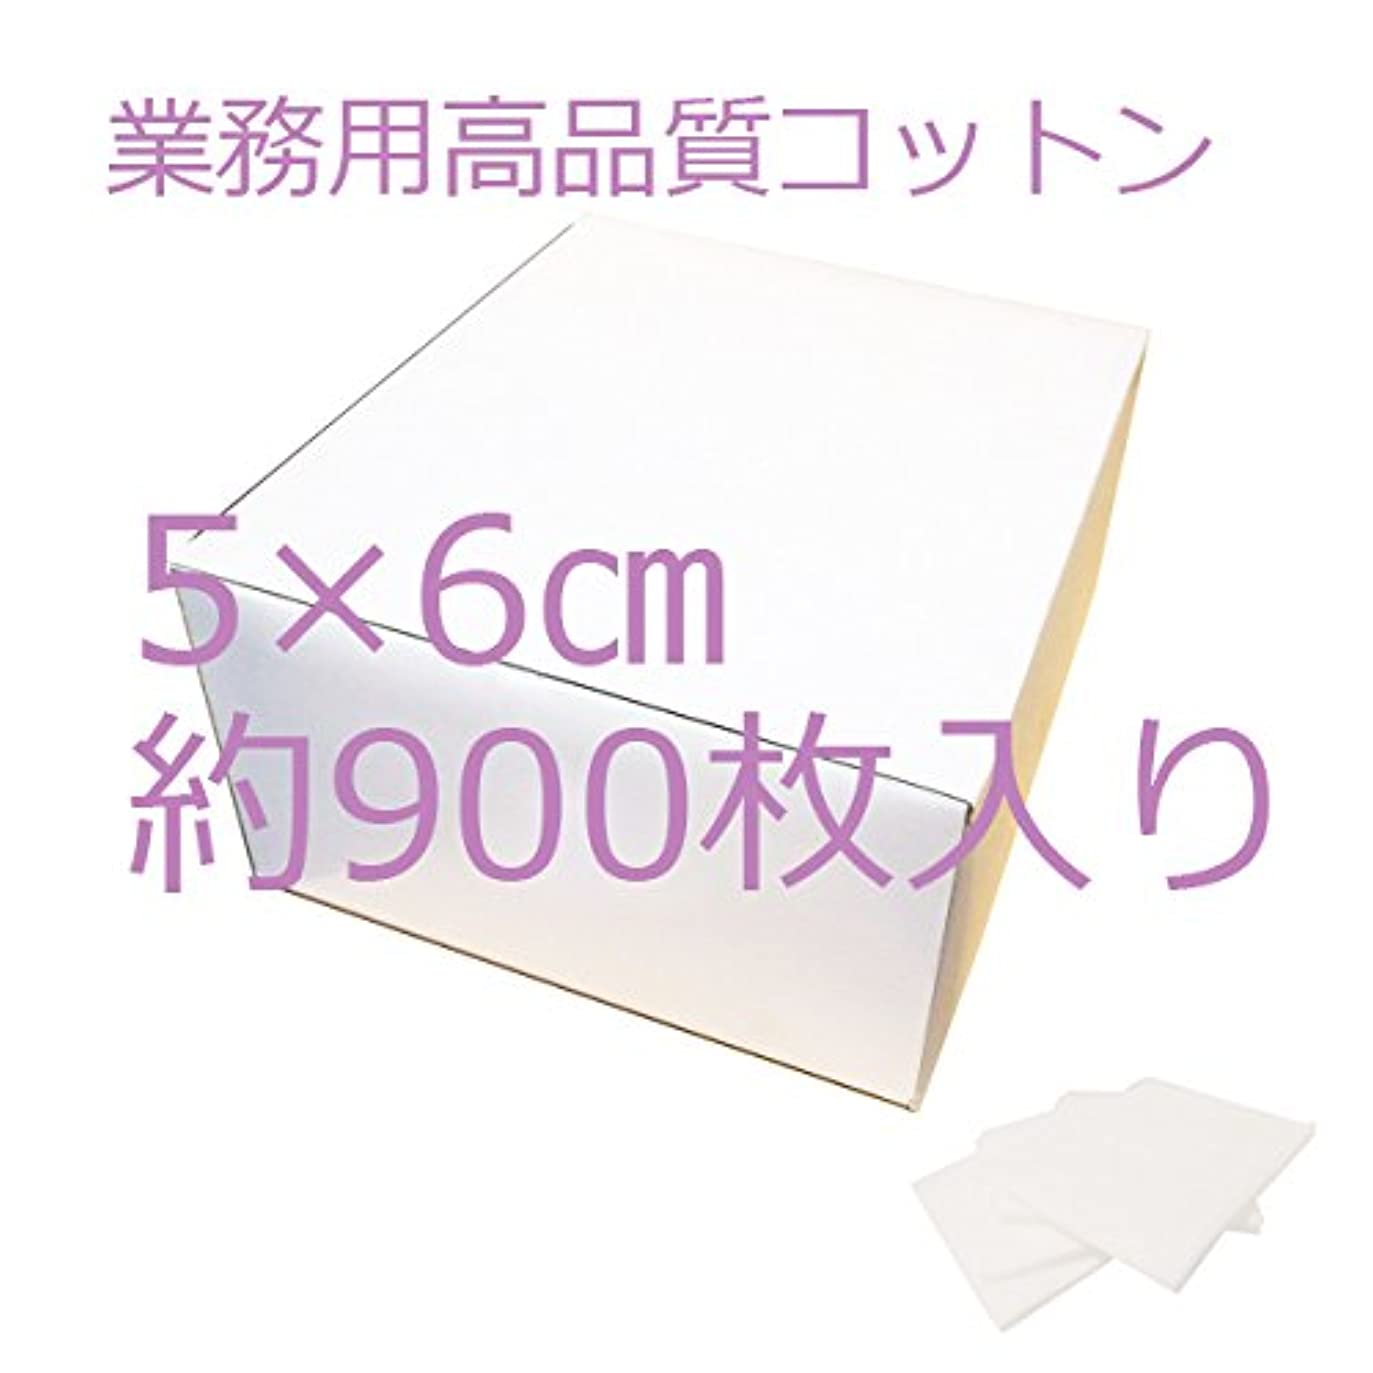 活気づける日焼けかもしれない高級エステティックフェイシャルコットン【業務用】 5×6cm 500g(約900枚)プロ仕様のボリューム エステ、ネイル、医療用、マツエク